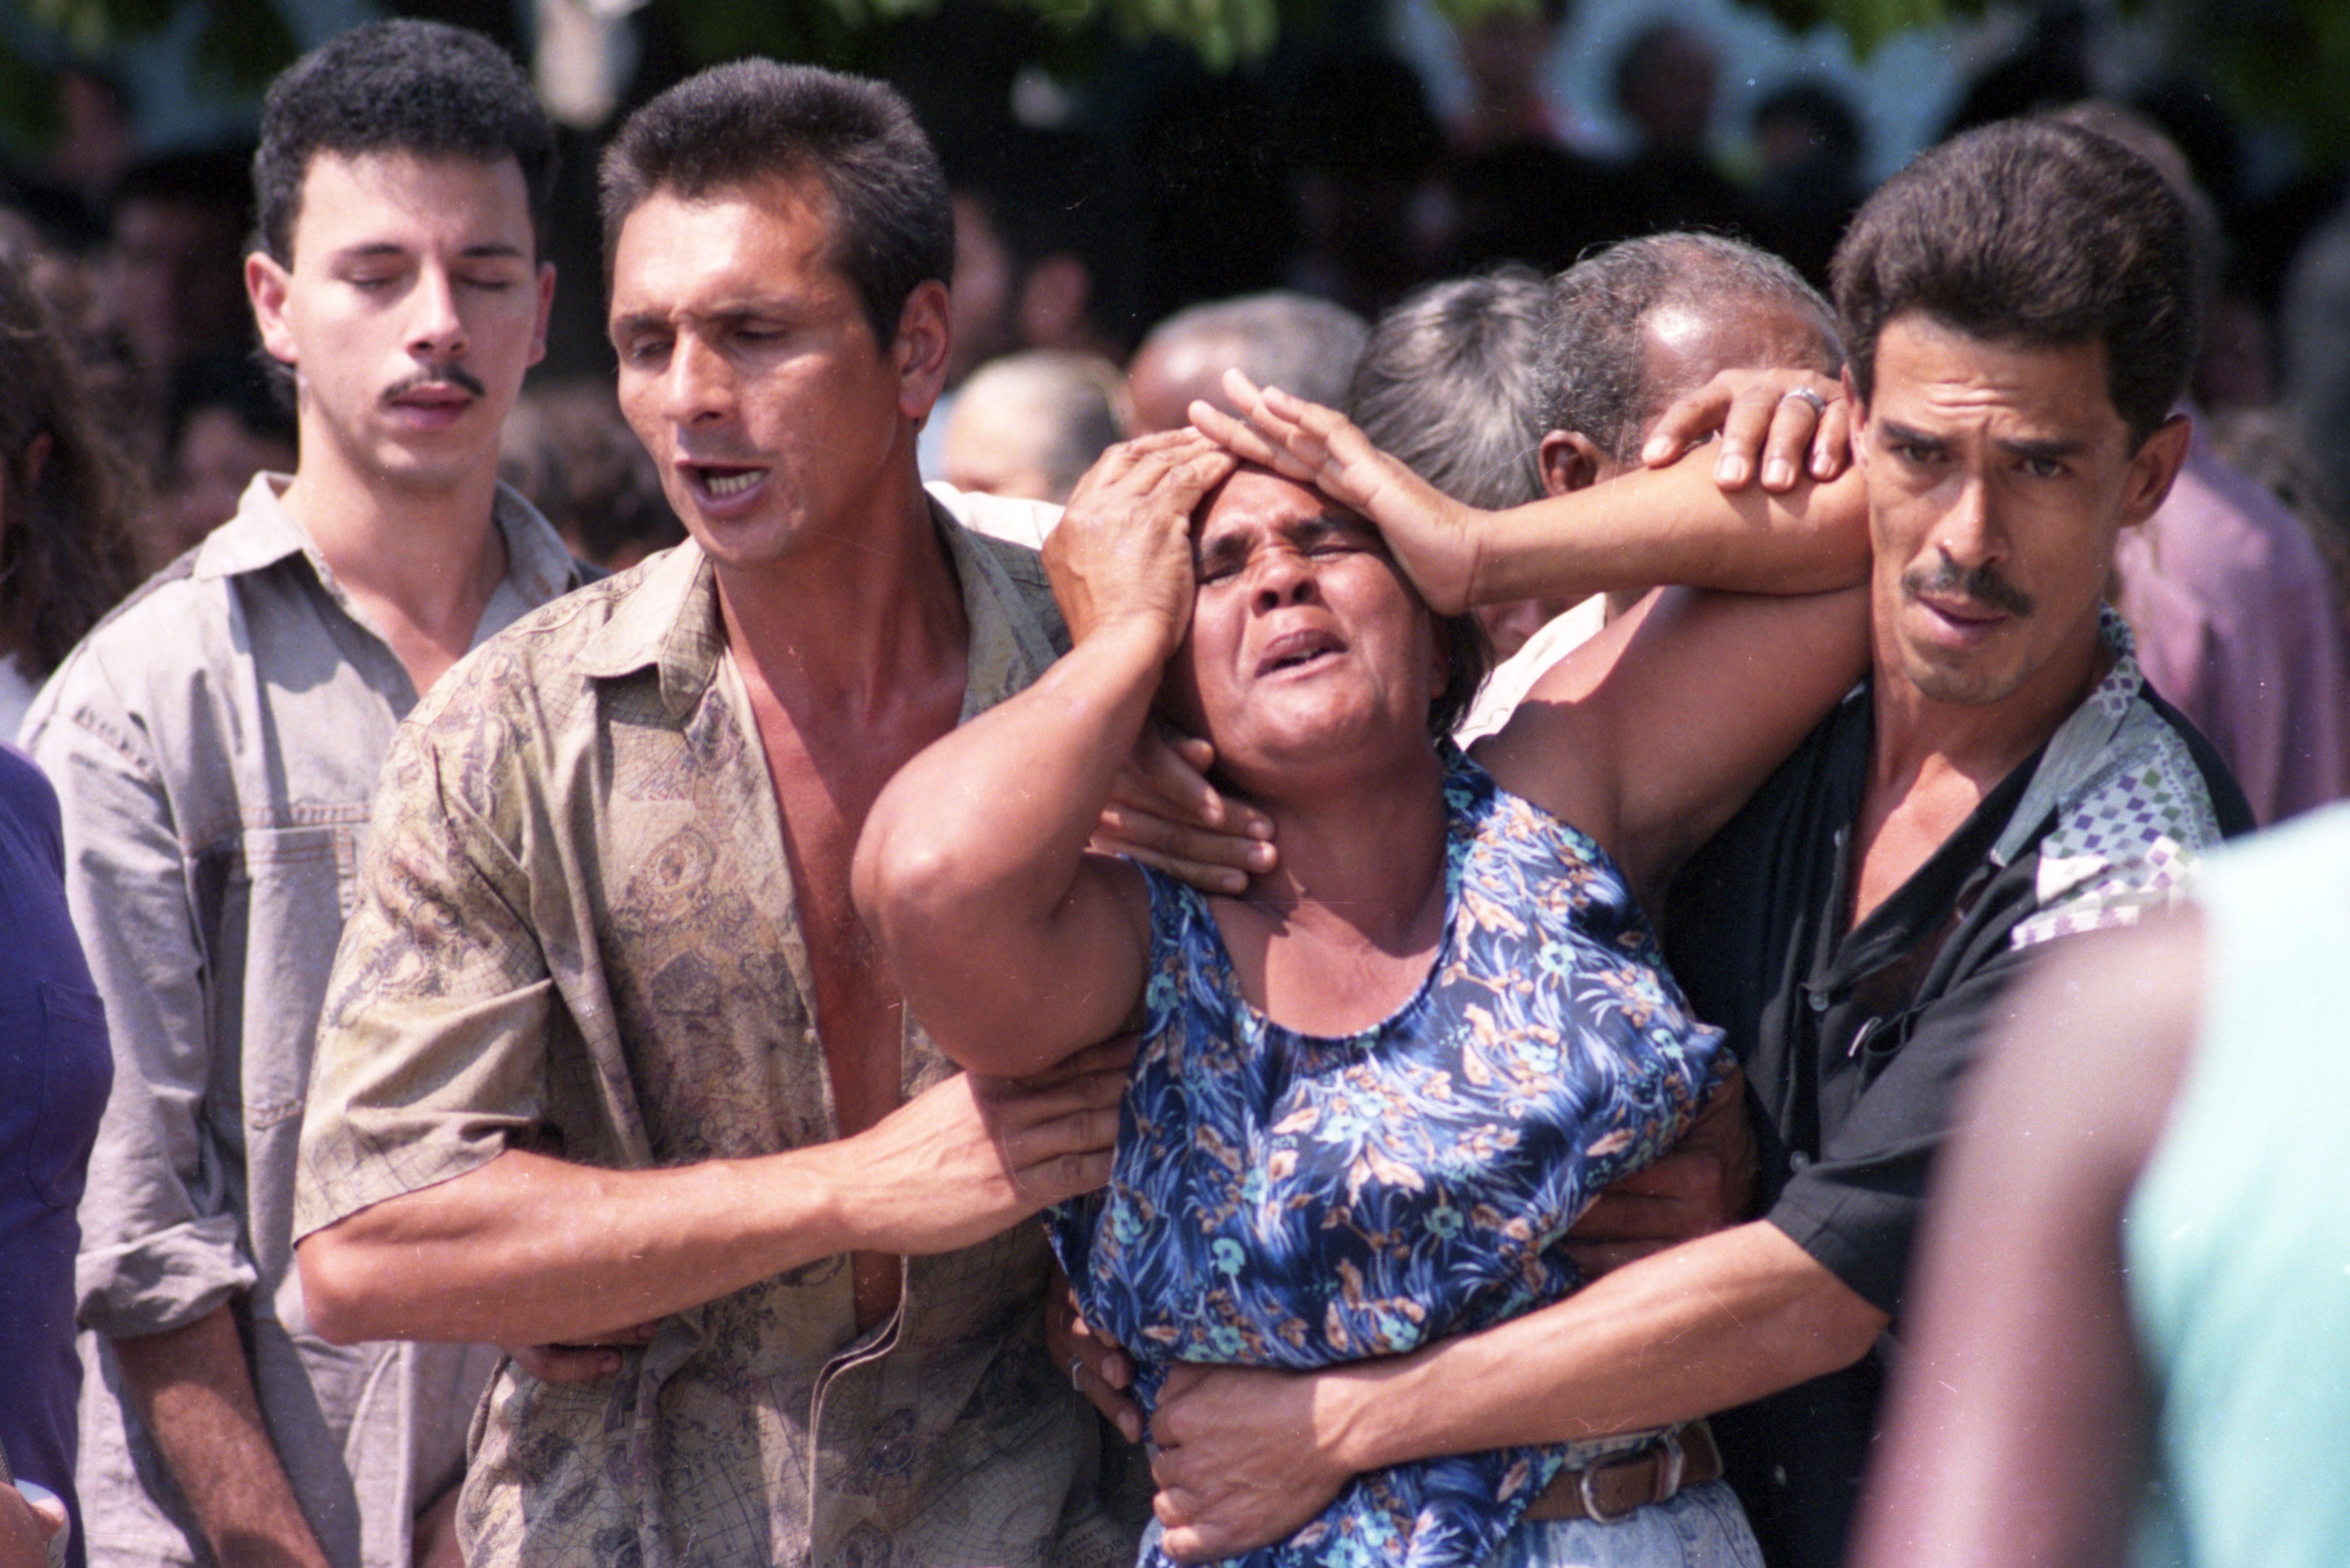 Parentes de vítimas da chacina de Vigário Geral choram no funeral